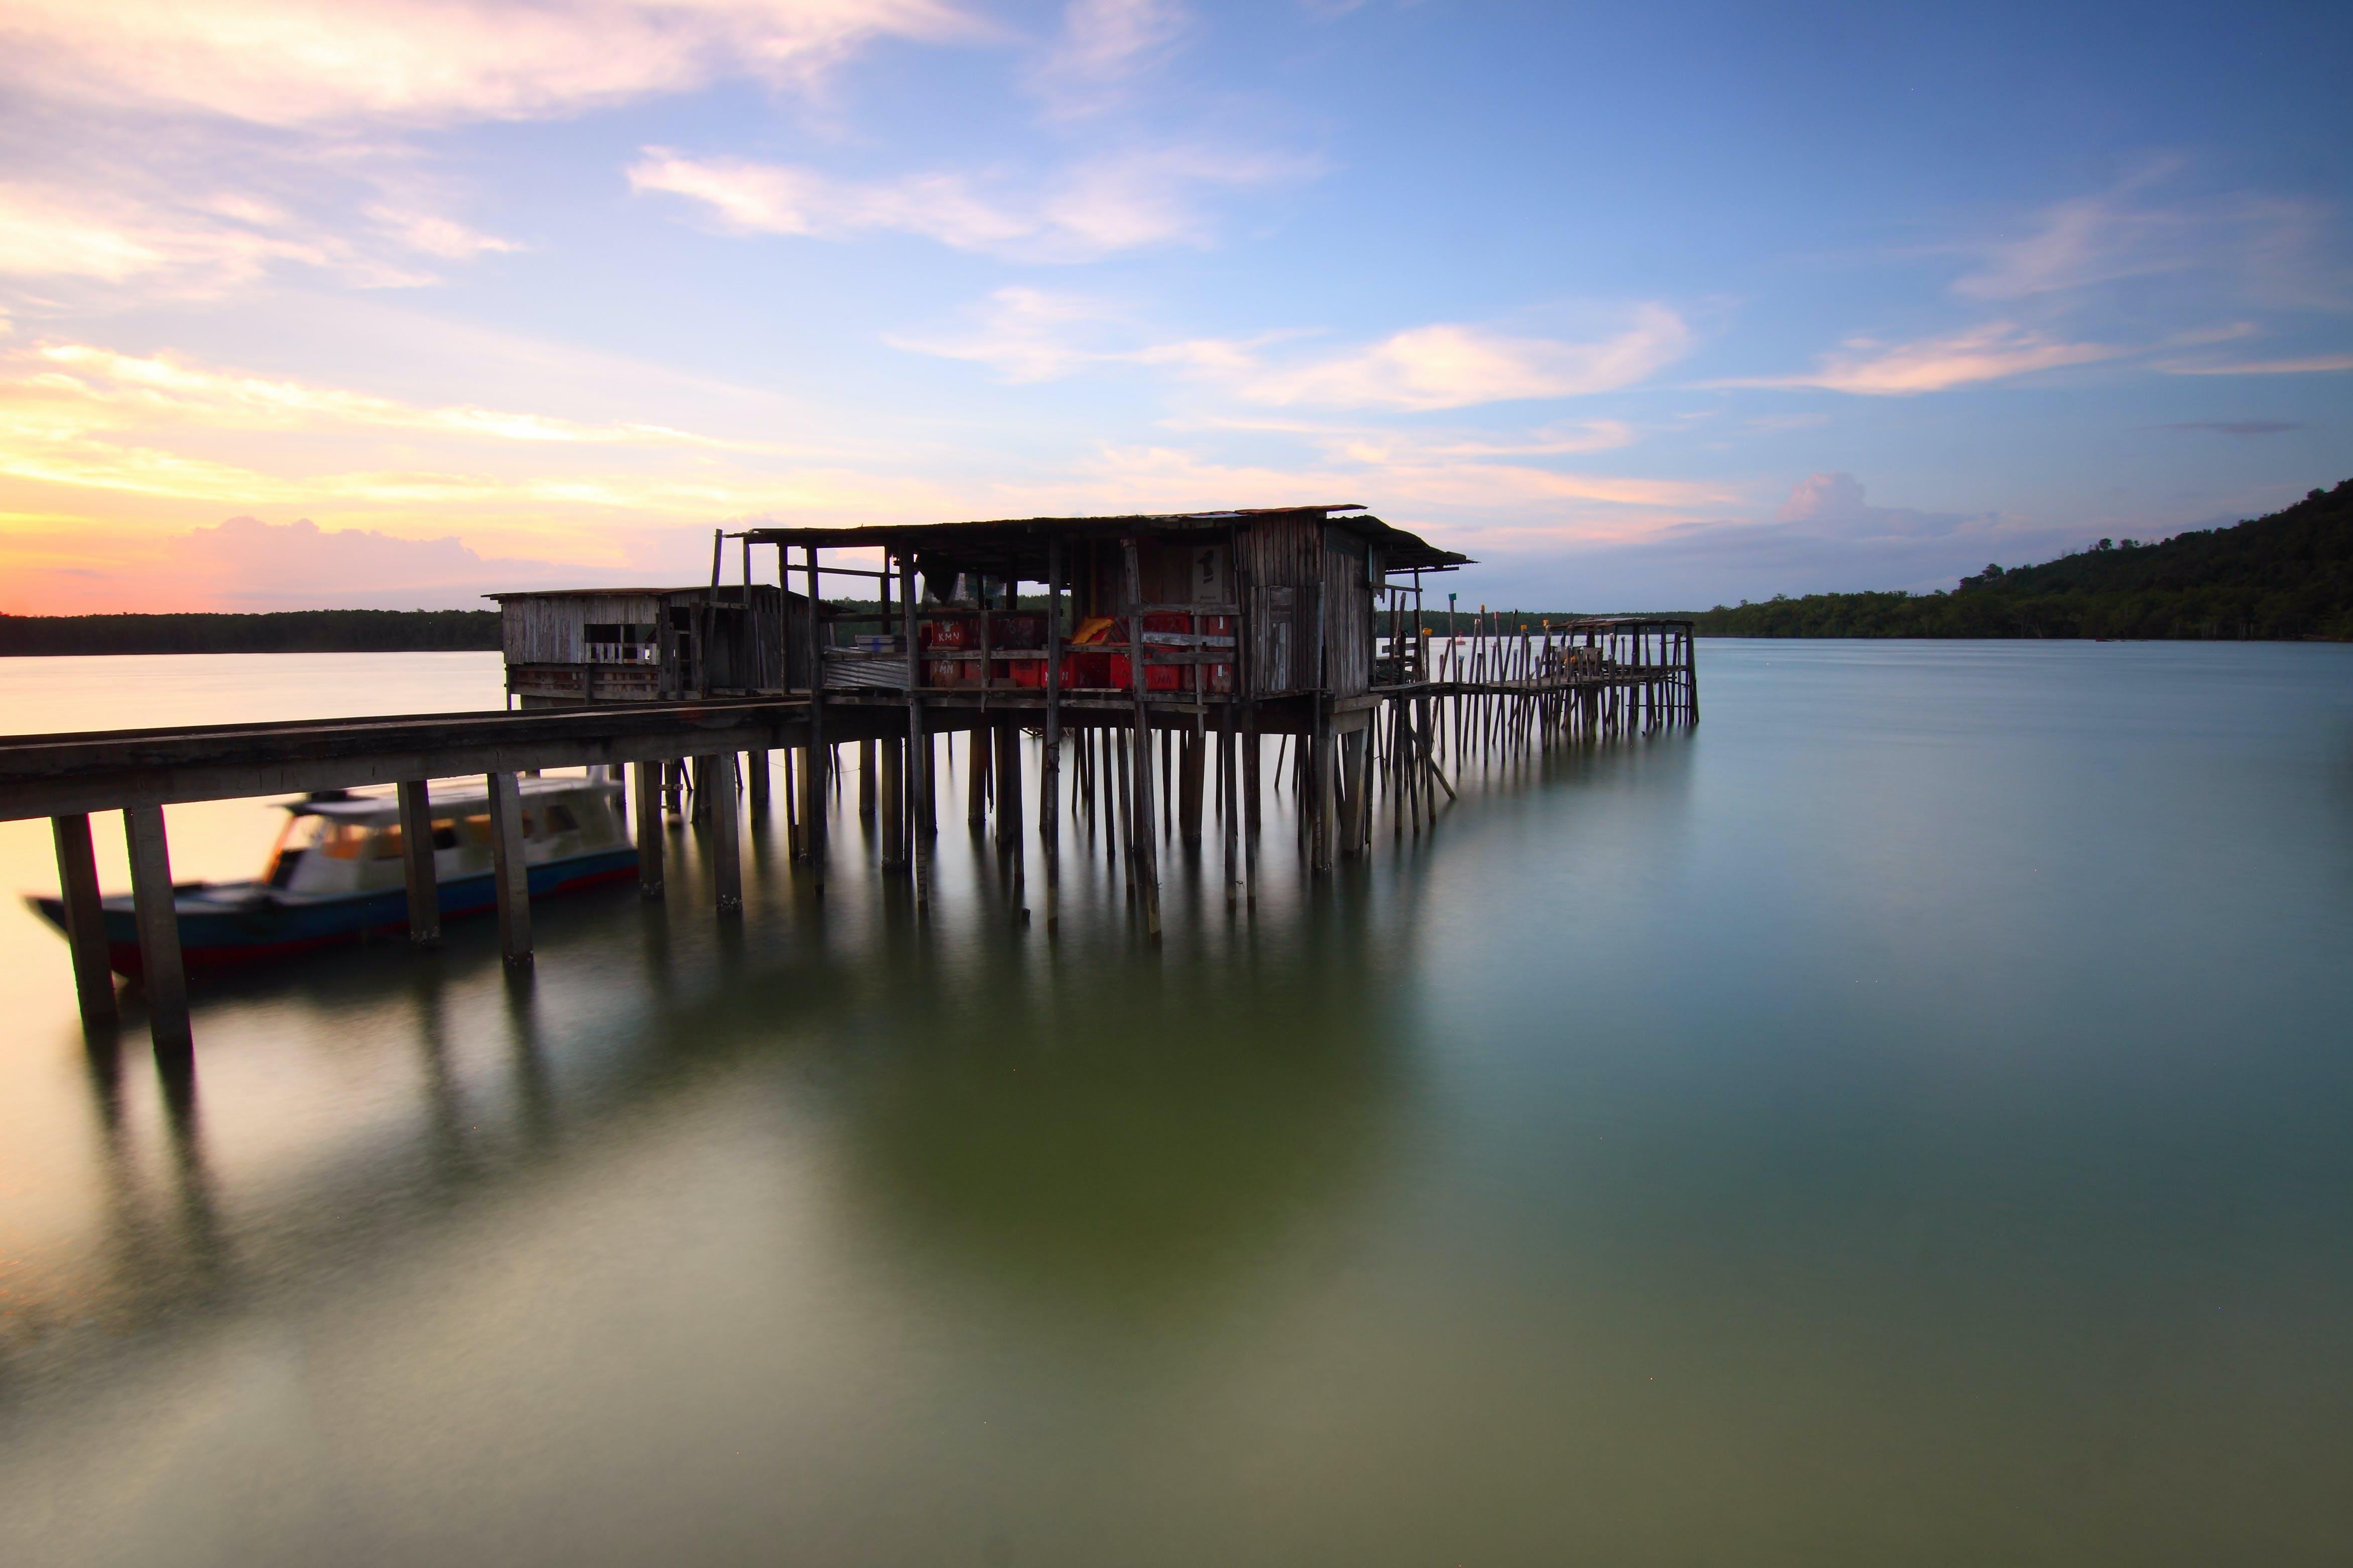 Foto profissional grátis de água, alvorecer, barco, beira-mar